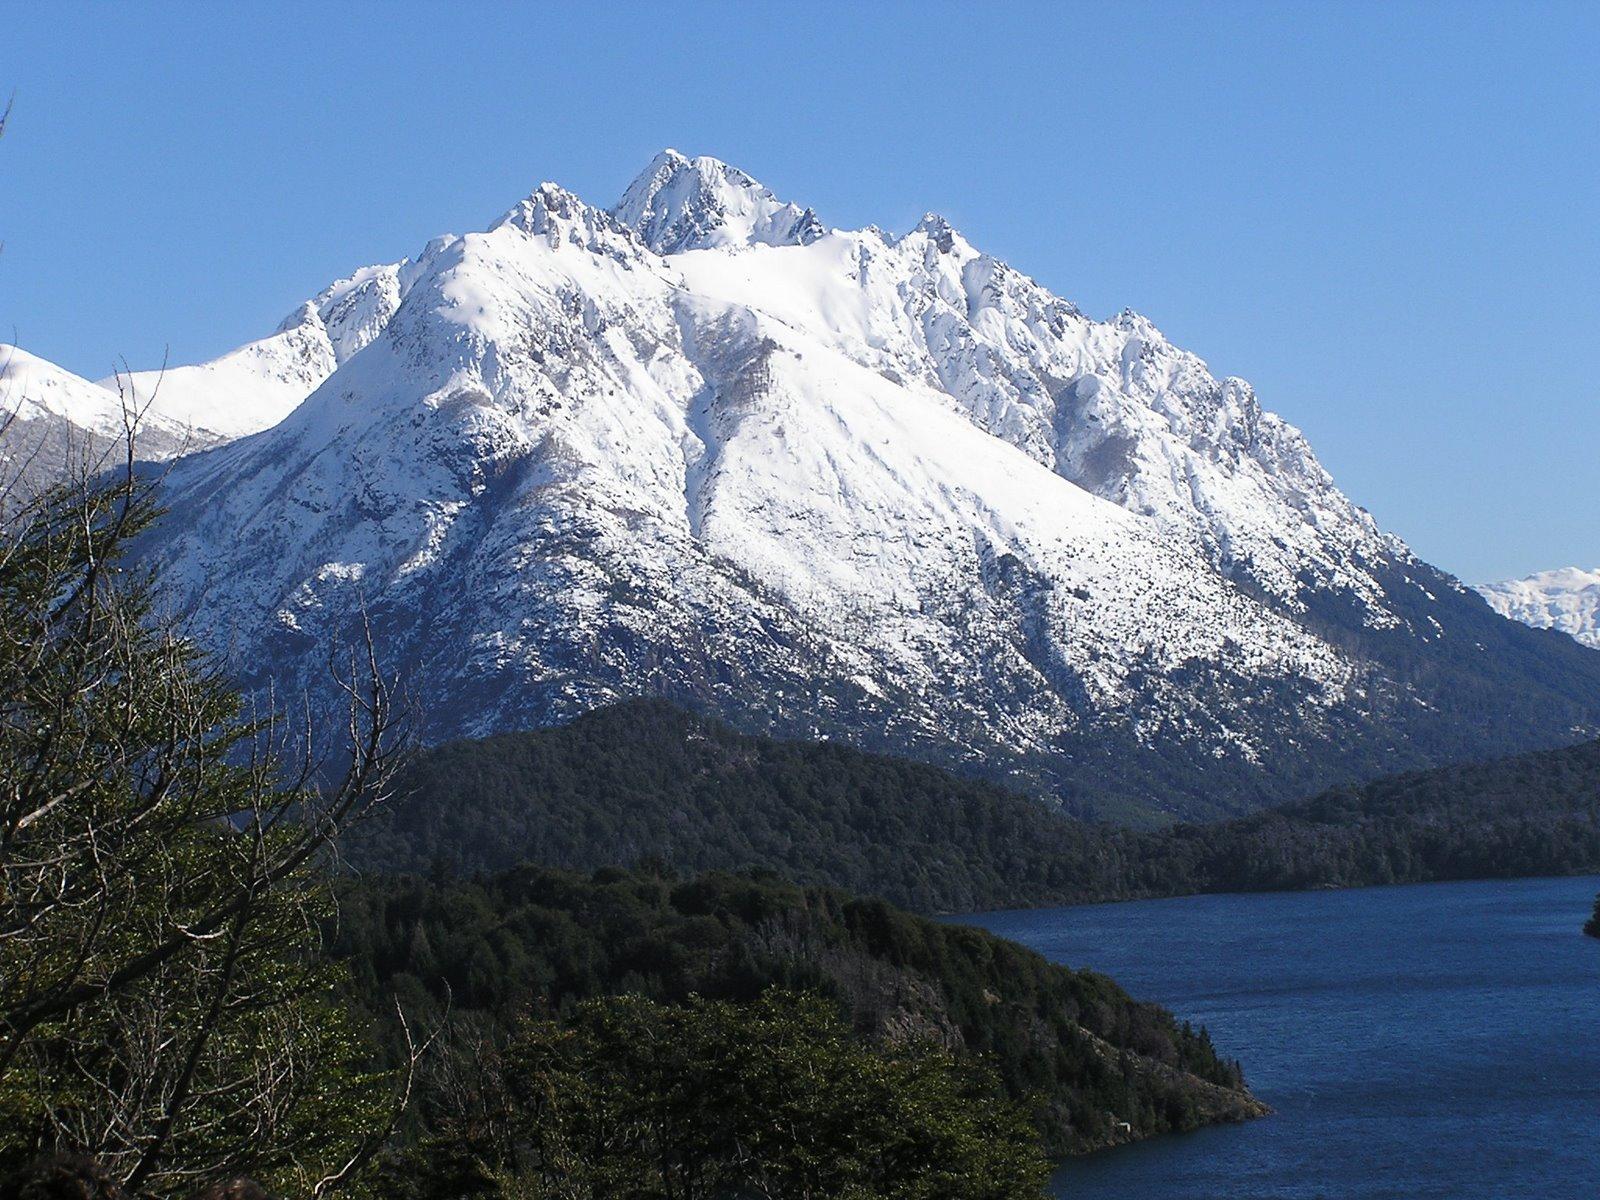 Curanto, Colonia Suiza, San Carlos de Bariloche, Patagonia Argentina, Elisa N, Blog de Viajes, Lifestyle, Travel